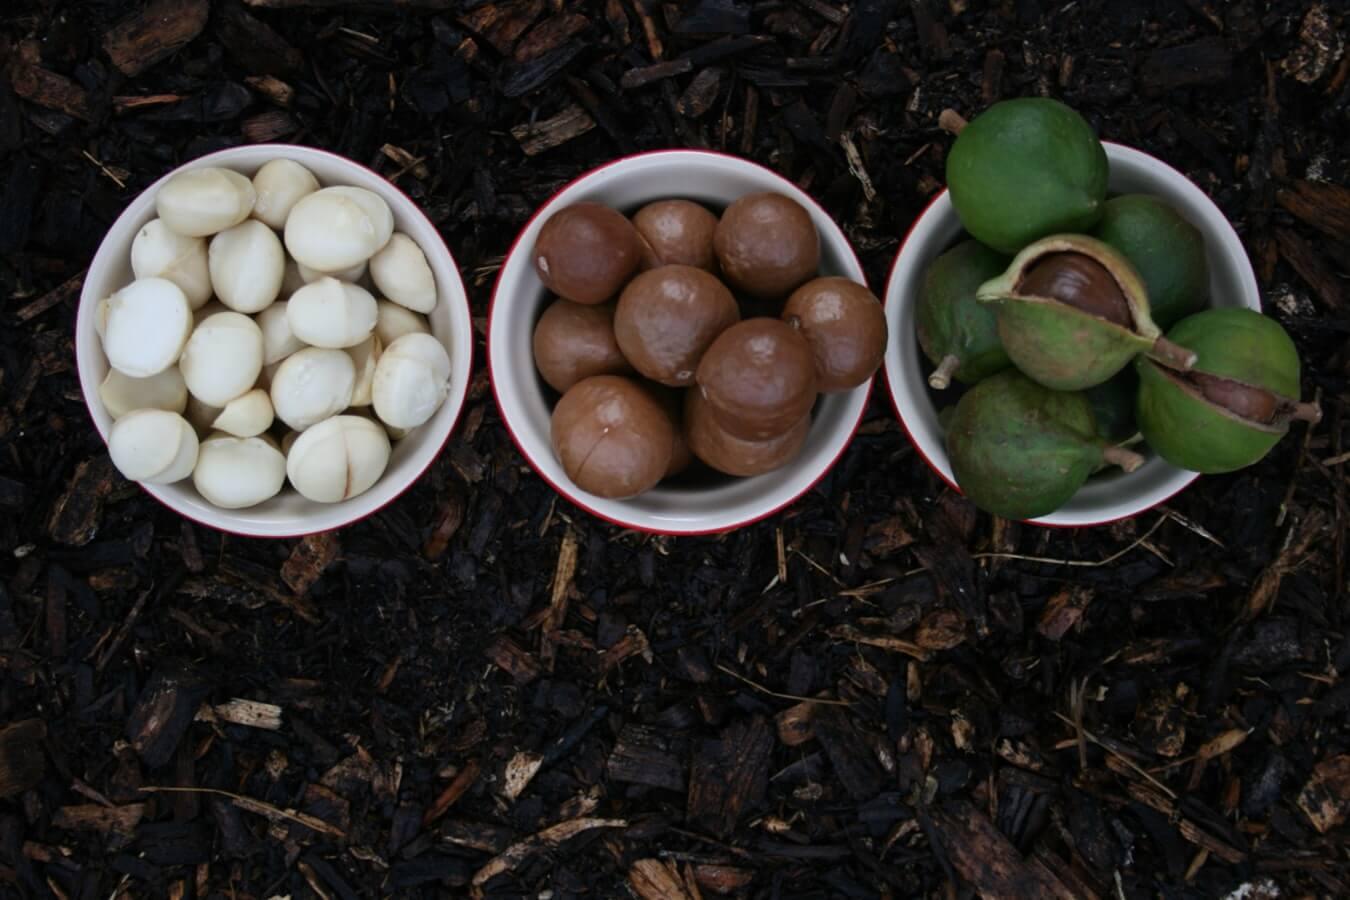 Орех макадамия — польза и вред, полное описание сладкого ореха, калорийность, виды, фото, видео, отзывы